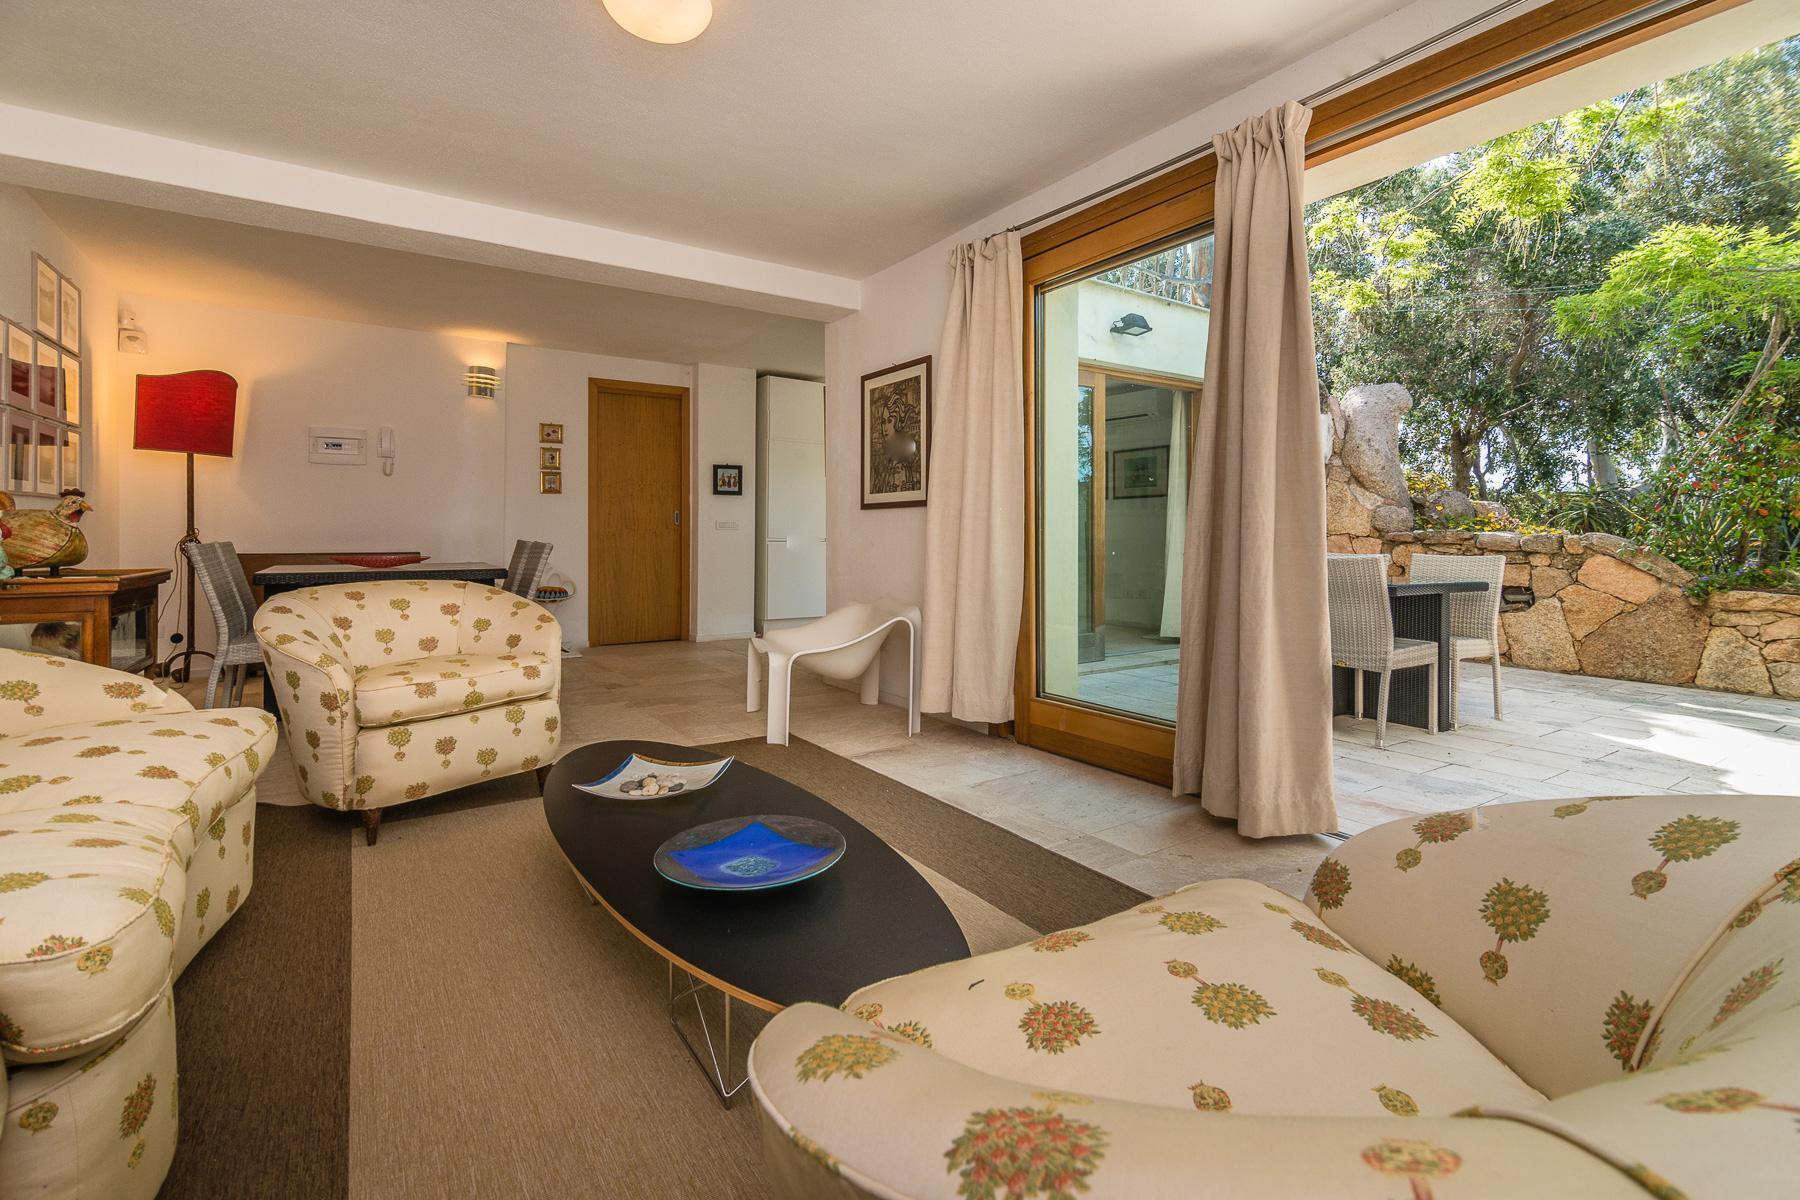 Golfo Aranci Sos Aranzos Splendida villa con accesso privato alla spiaggia - 14